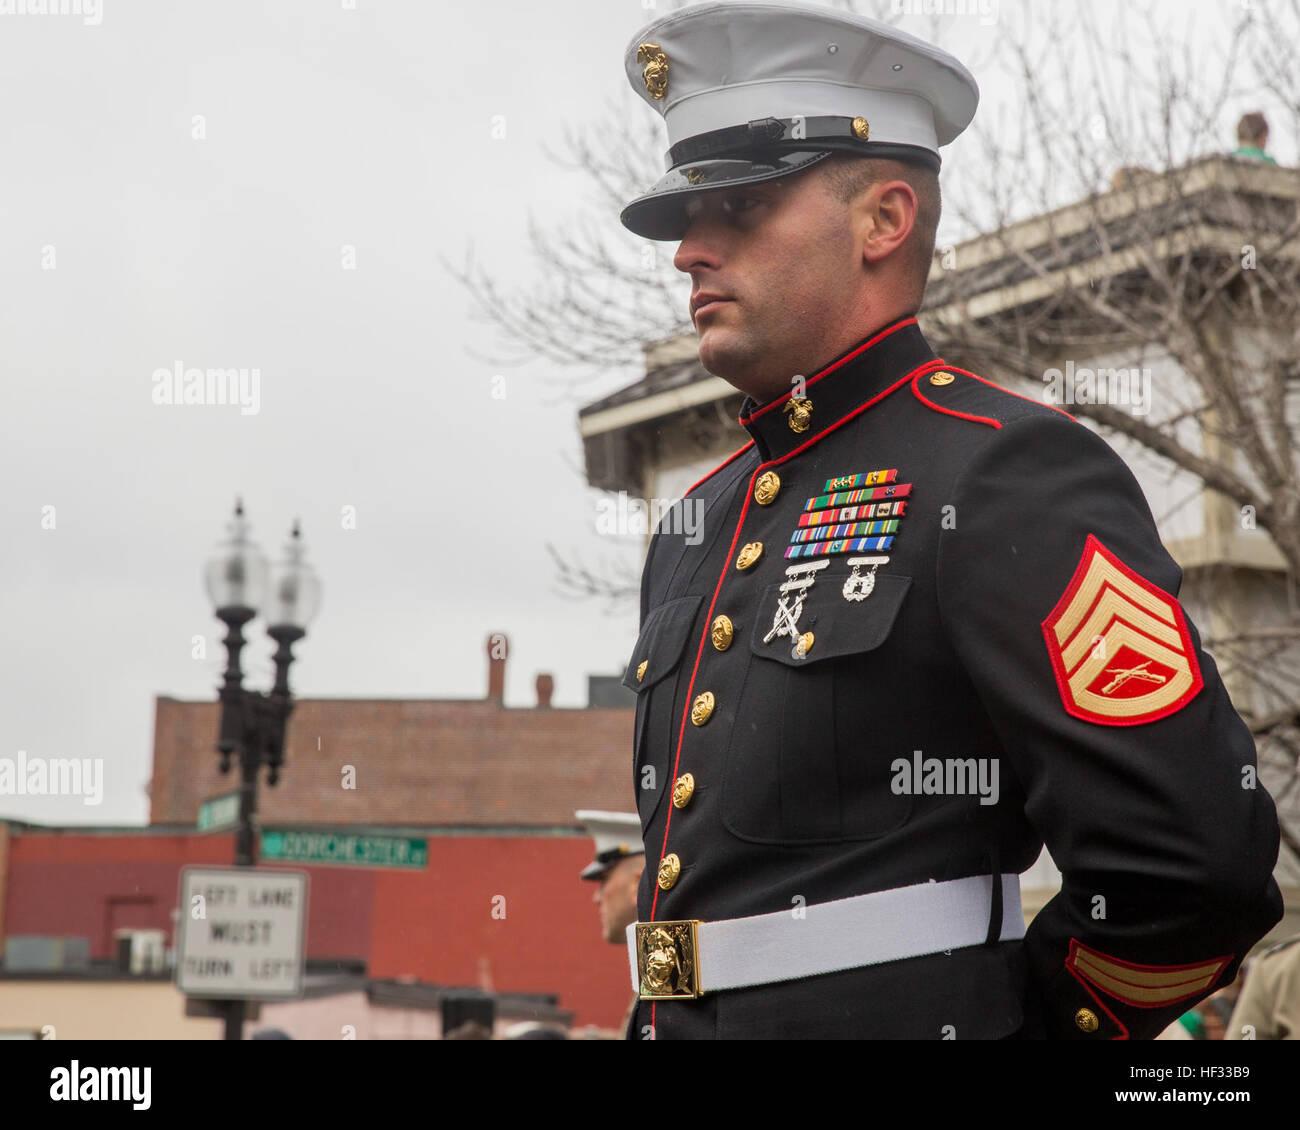 Staff Sgt Joshua Stanton steht wohl beim Führen einer Formation der Marines mit Spezial-Marine Air-Ground Task Stockbild